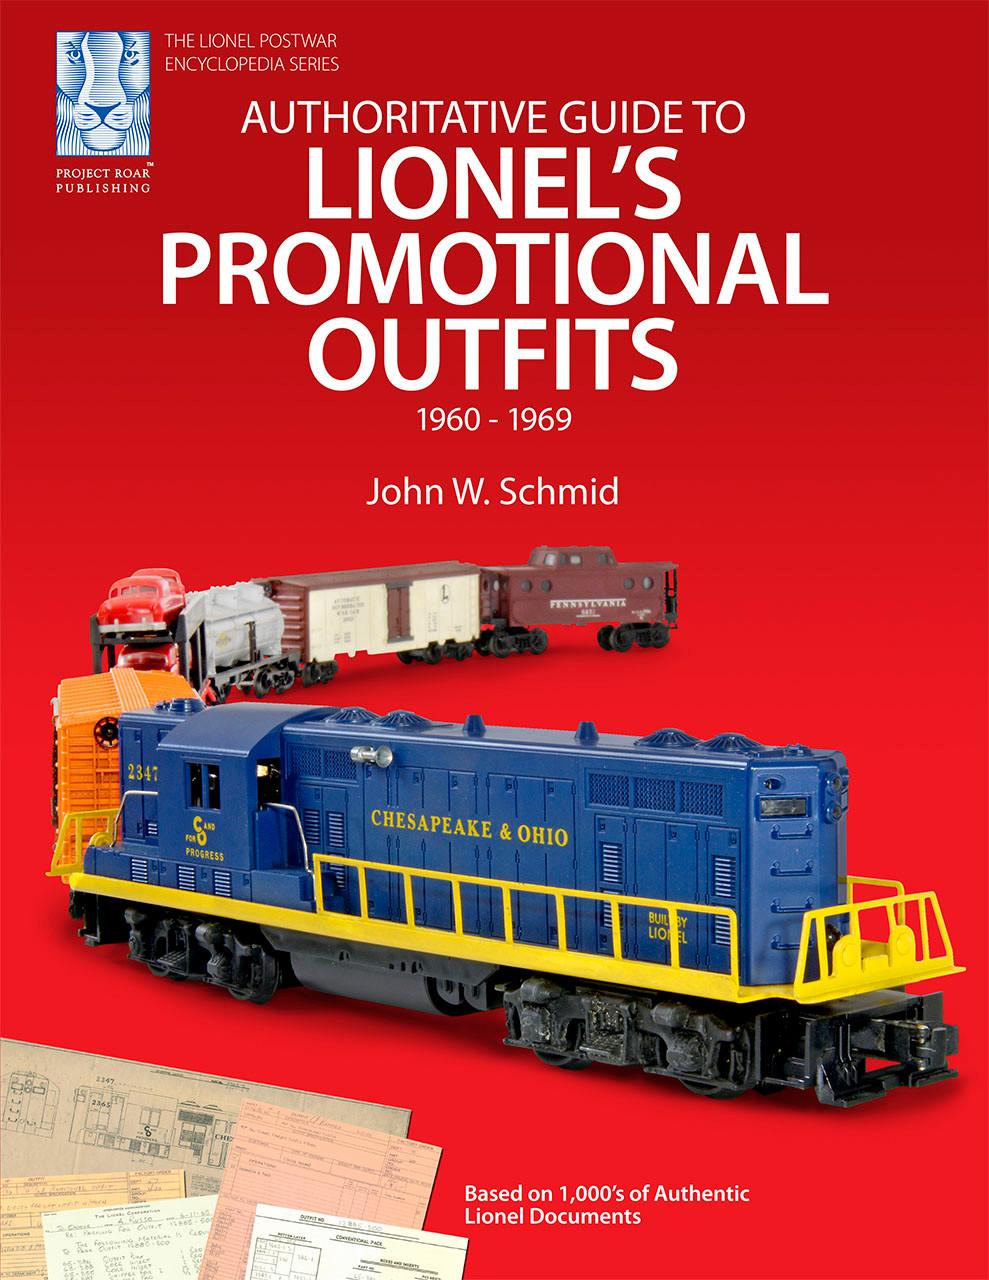 Train Lionel 3656 Wiring Diagram Electrical Diagrams Postwar 1960 Motor Trusted U2022 Rw Transformer